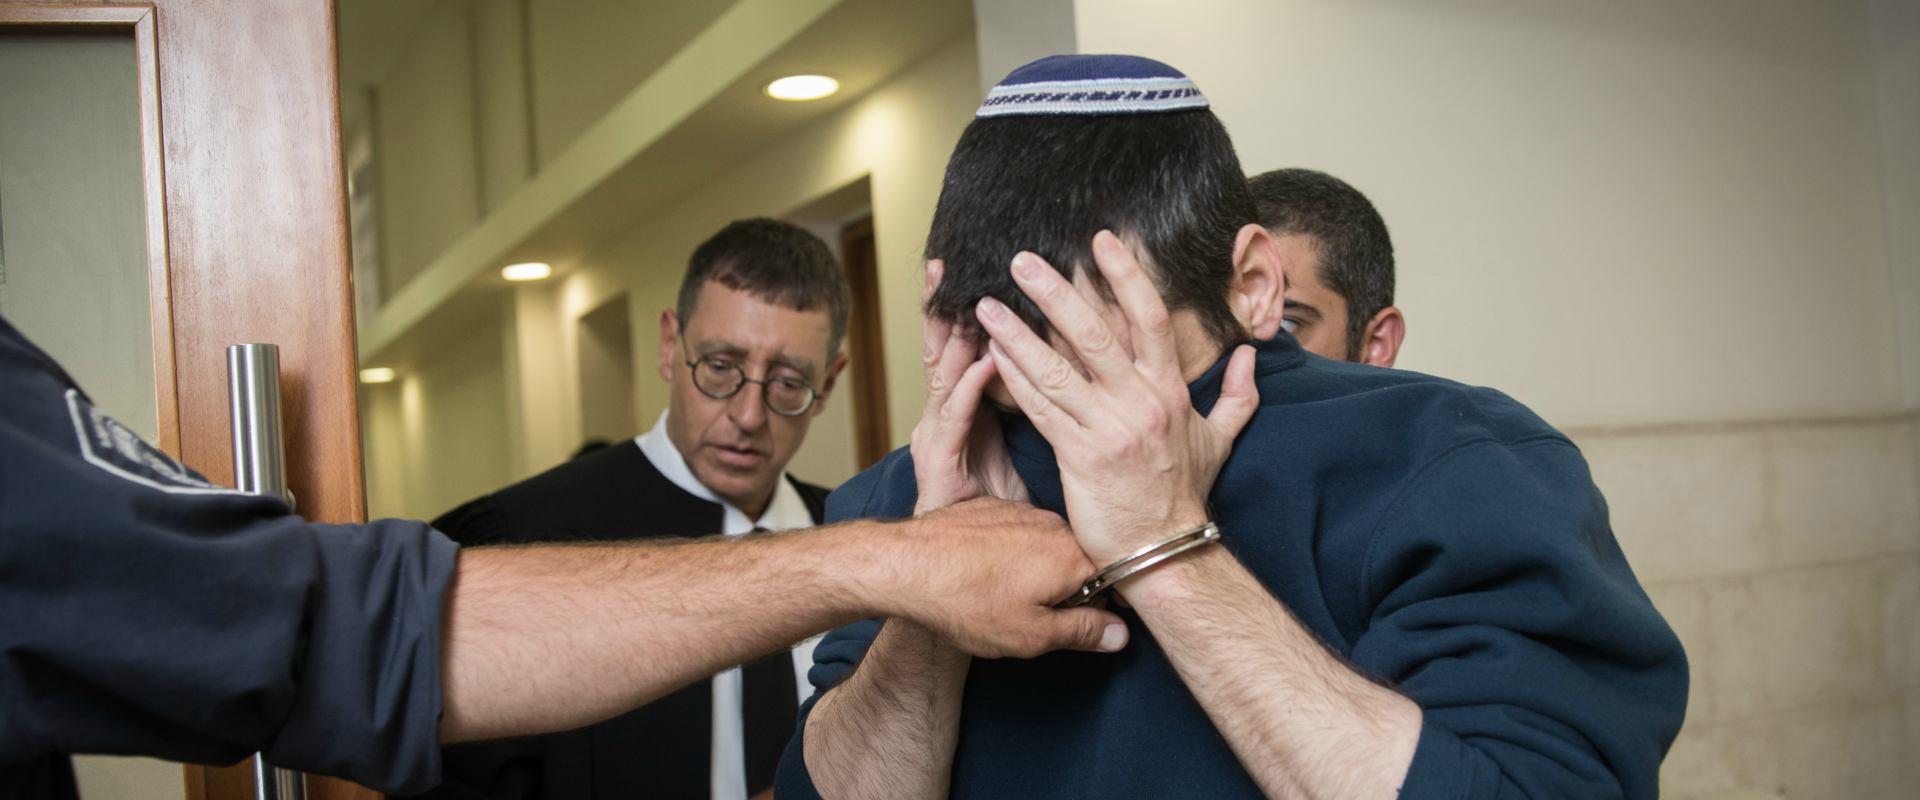 הנאשם בבית המשפט בירושלים, היום